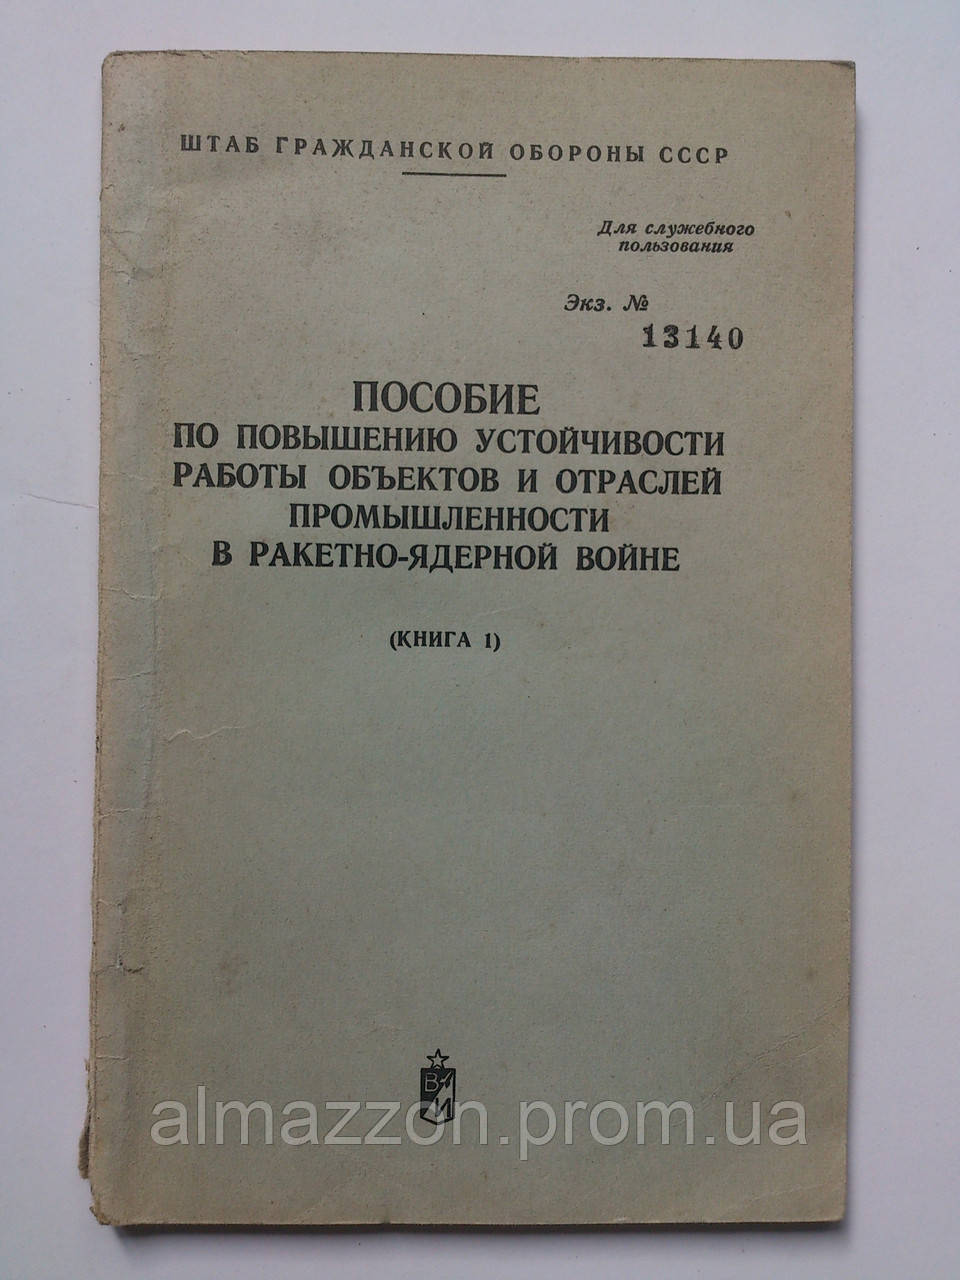 Пособие по повышению устойчивости работы объектов и отраслей промышленности в ракетно-ядерной войне. (Книга 1)